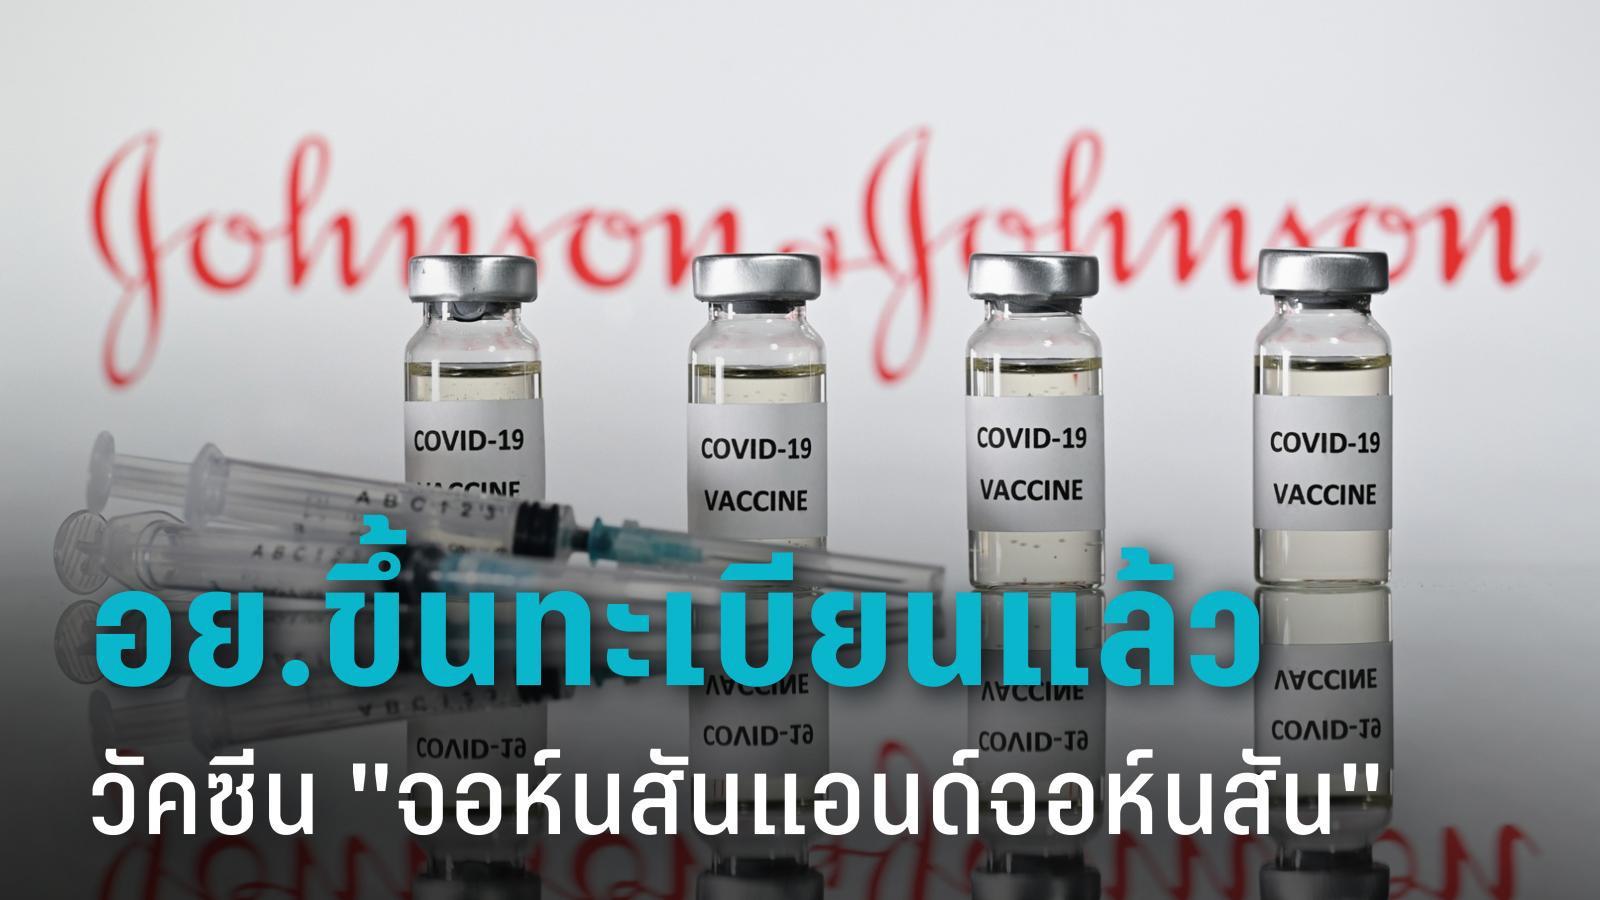 """ข่าวดี! อย.ขึ้นทะเบียนวัคซีนโควิด """"จอห์นสัน แอนด์ จอห์นสัน"""" รับมือเชื้อกลายพันธุ์"""